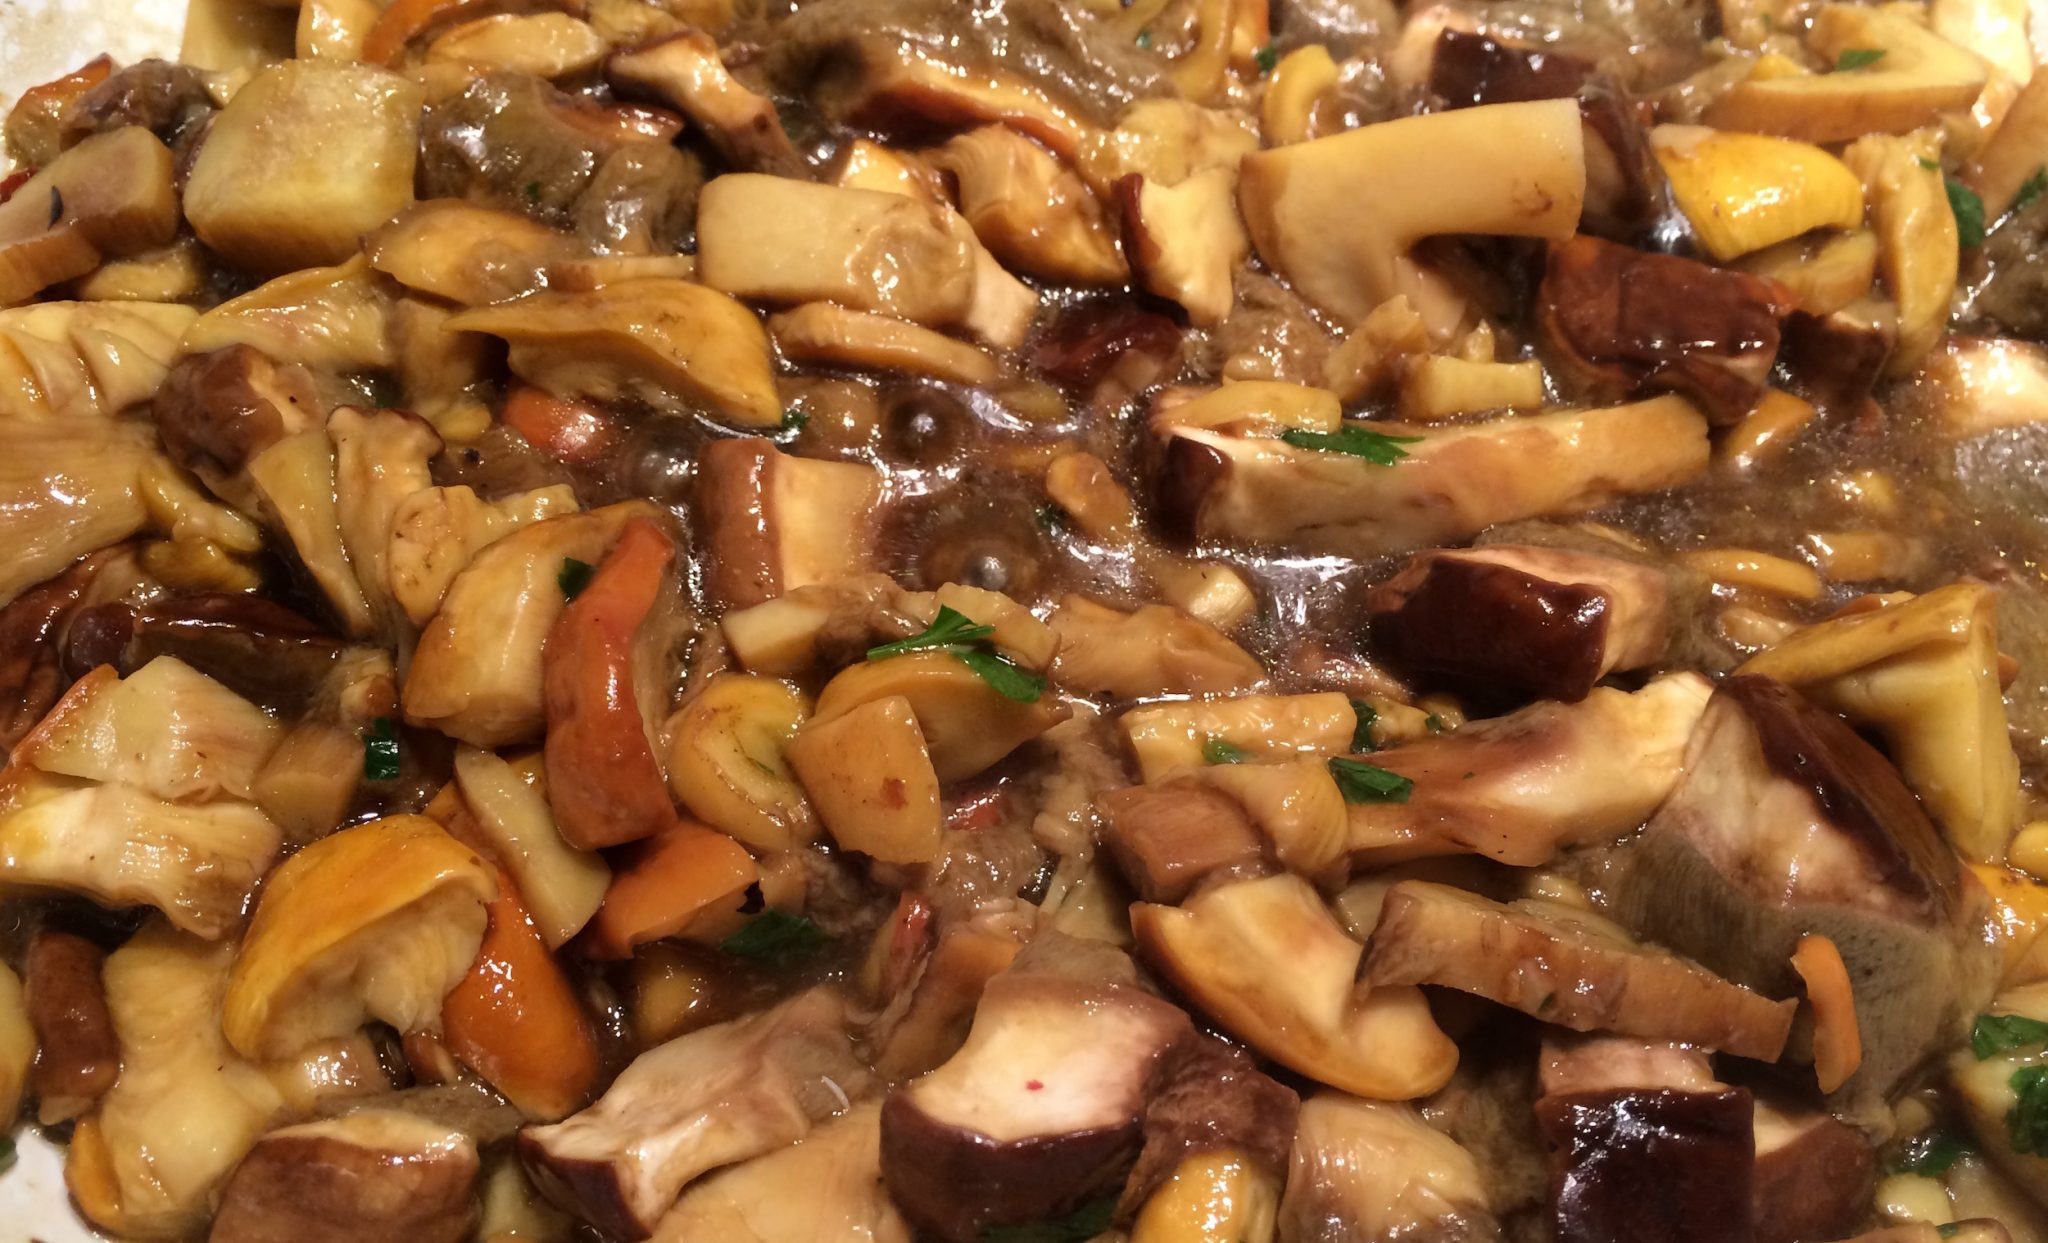 Ovoli e porcini mushrooms